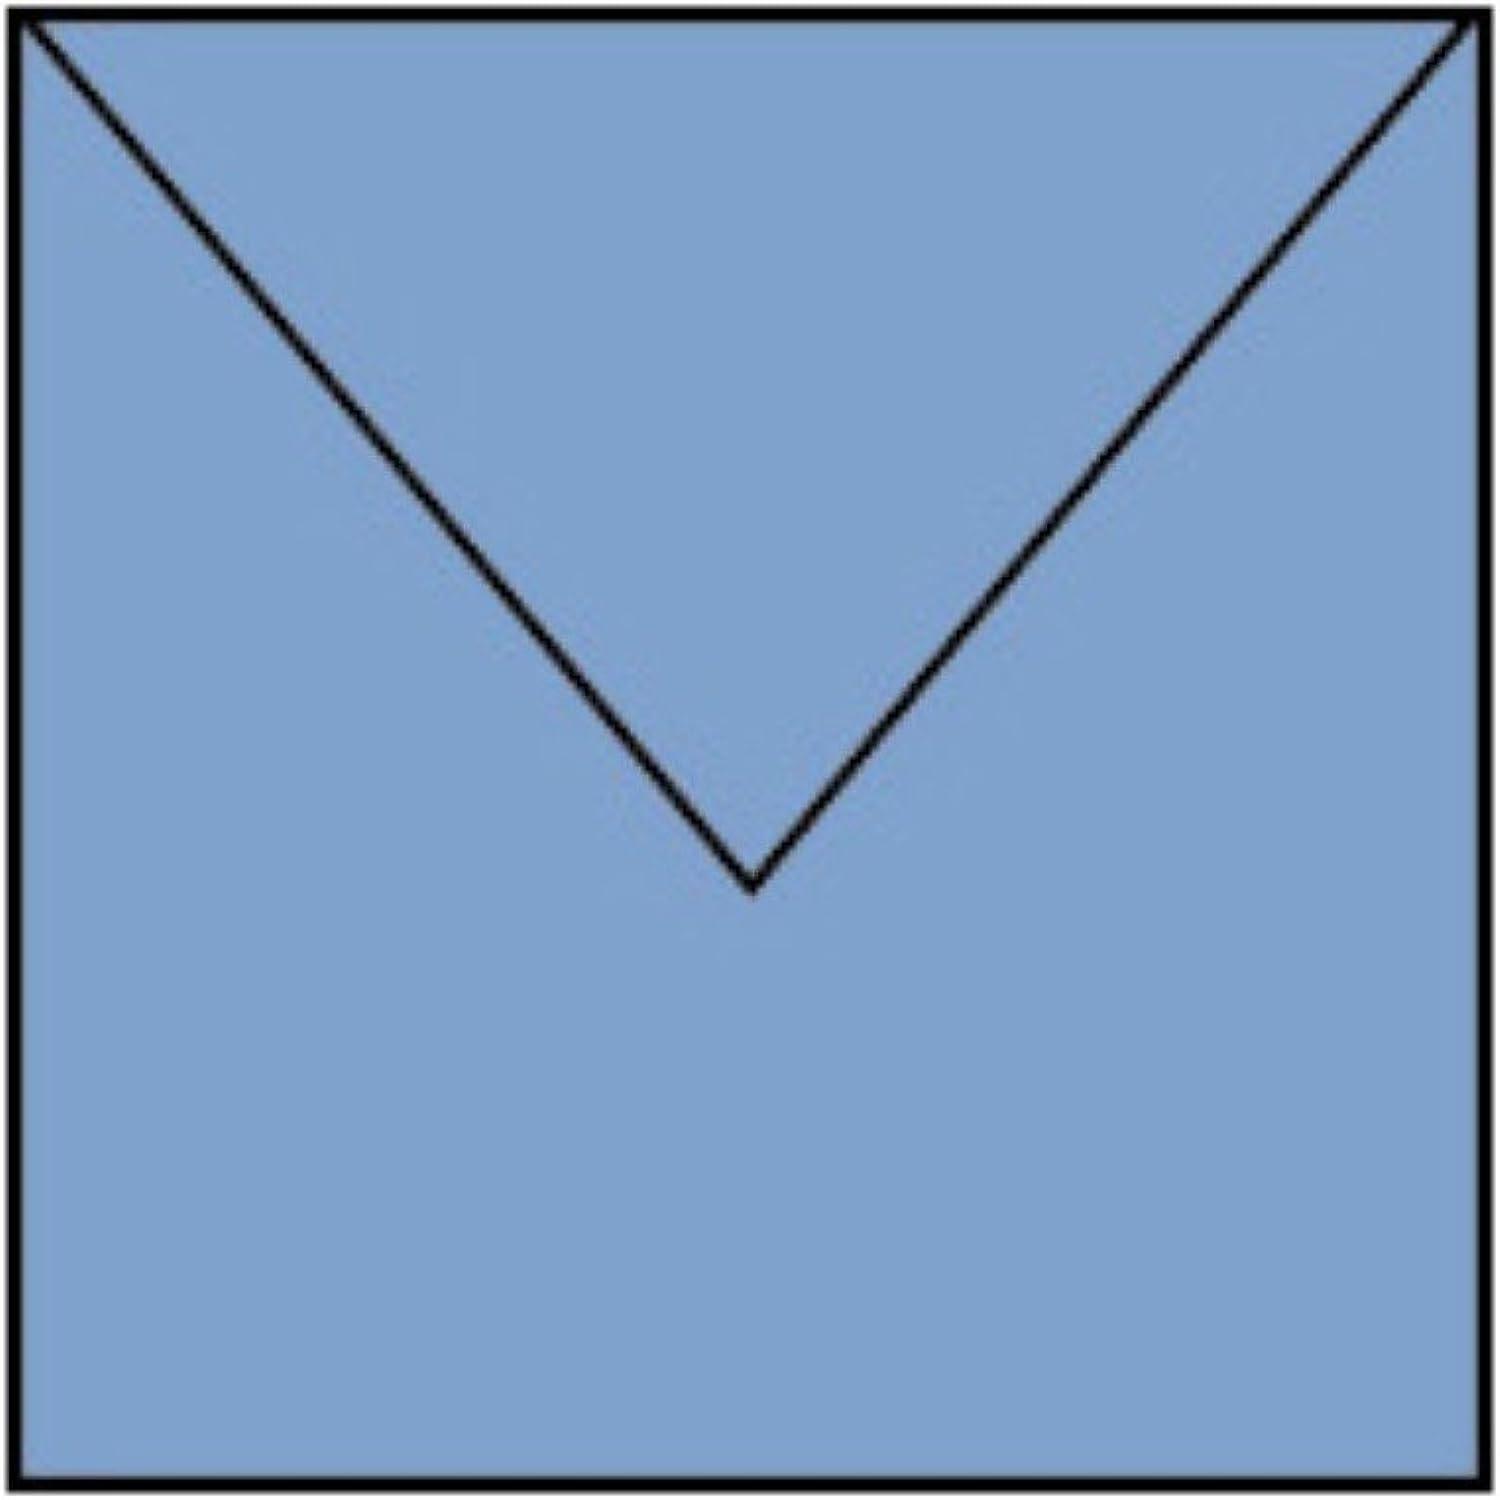 Briefkarte HD DL PL fuchsia fuchsia fuchsia 164069154 100x210mm 4014969275528 B00IJB8GU8 | Überlegene Qualität  e016ff